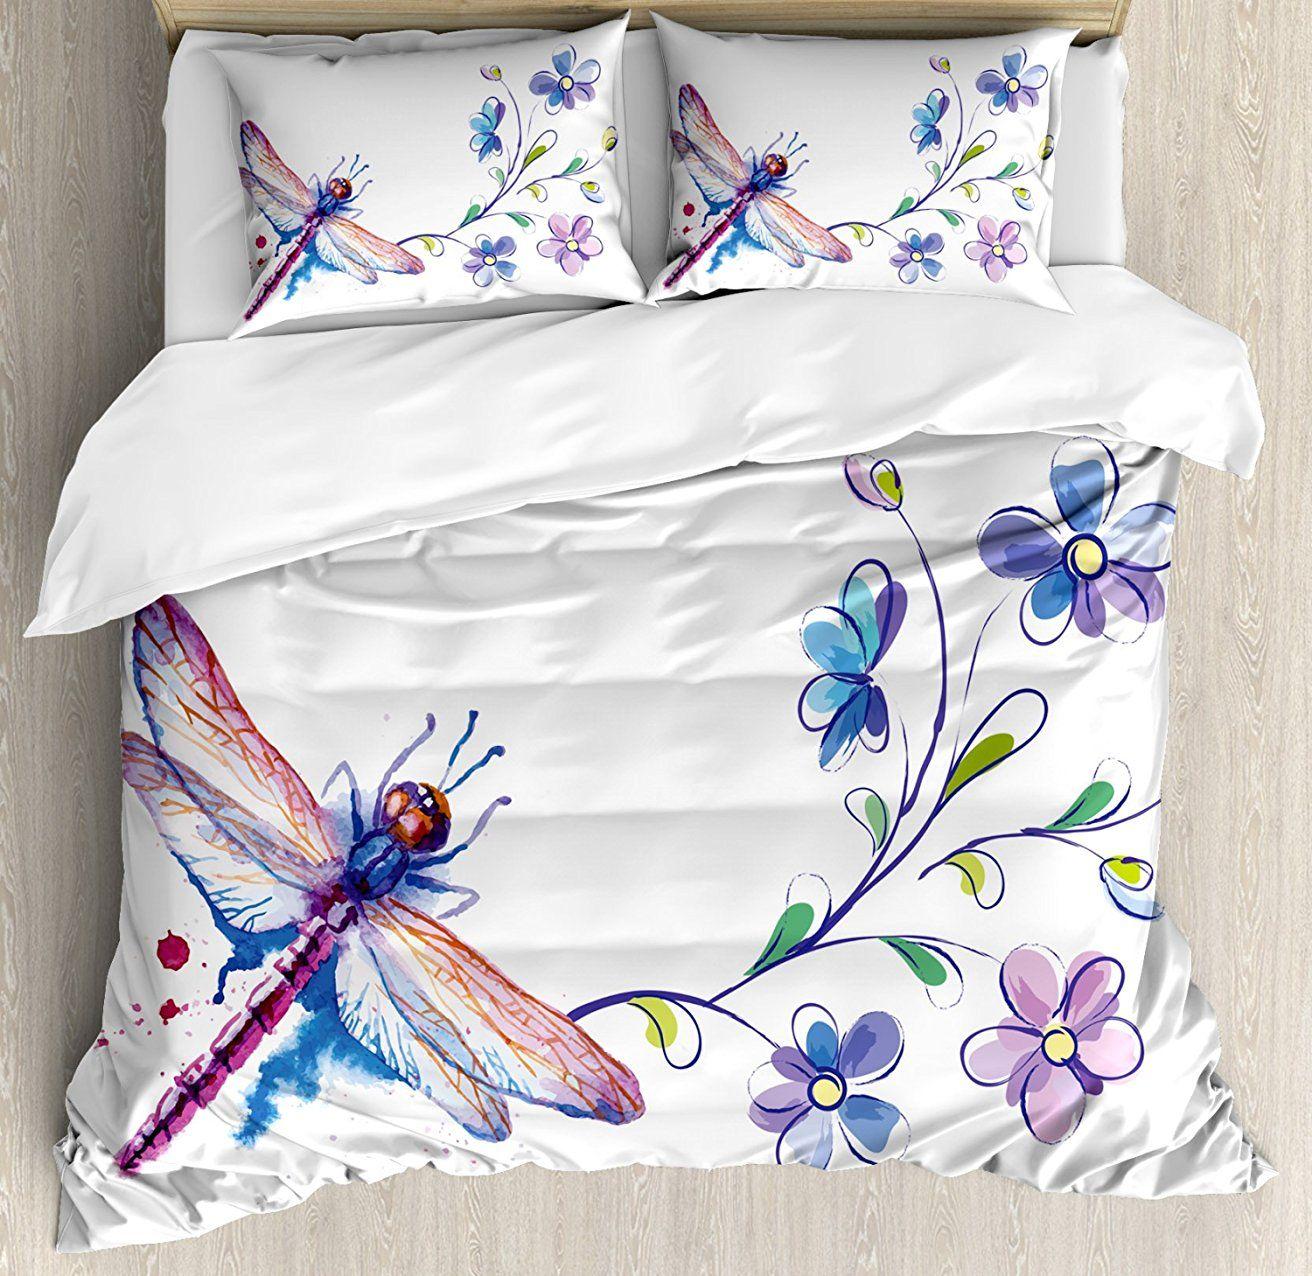 Libelle Bettbezug Set Aquarell Bug Schmetterling Wie Motte mit Zweig Ivy Blumen Lilien Kunst 4 Stück Bettwäsche Set